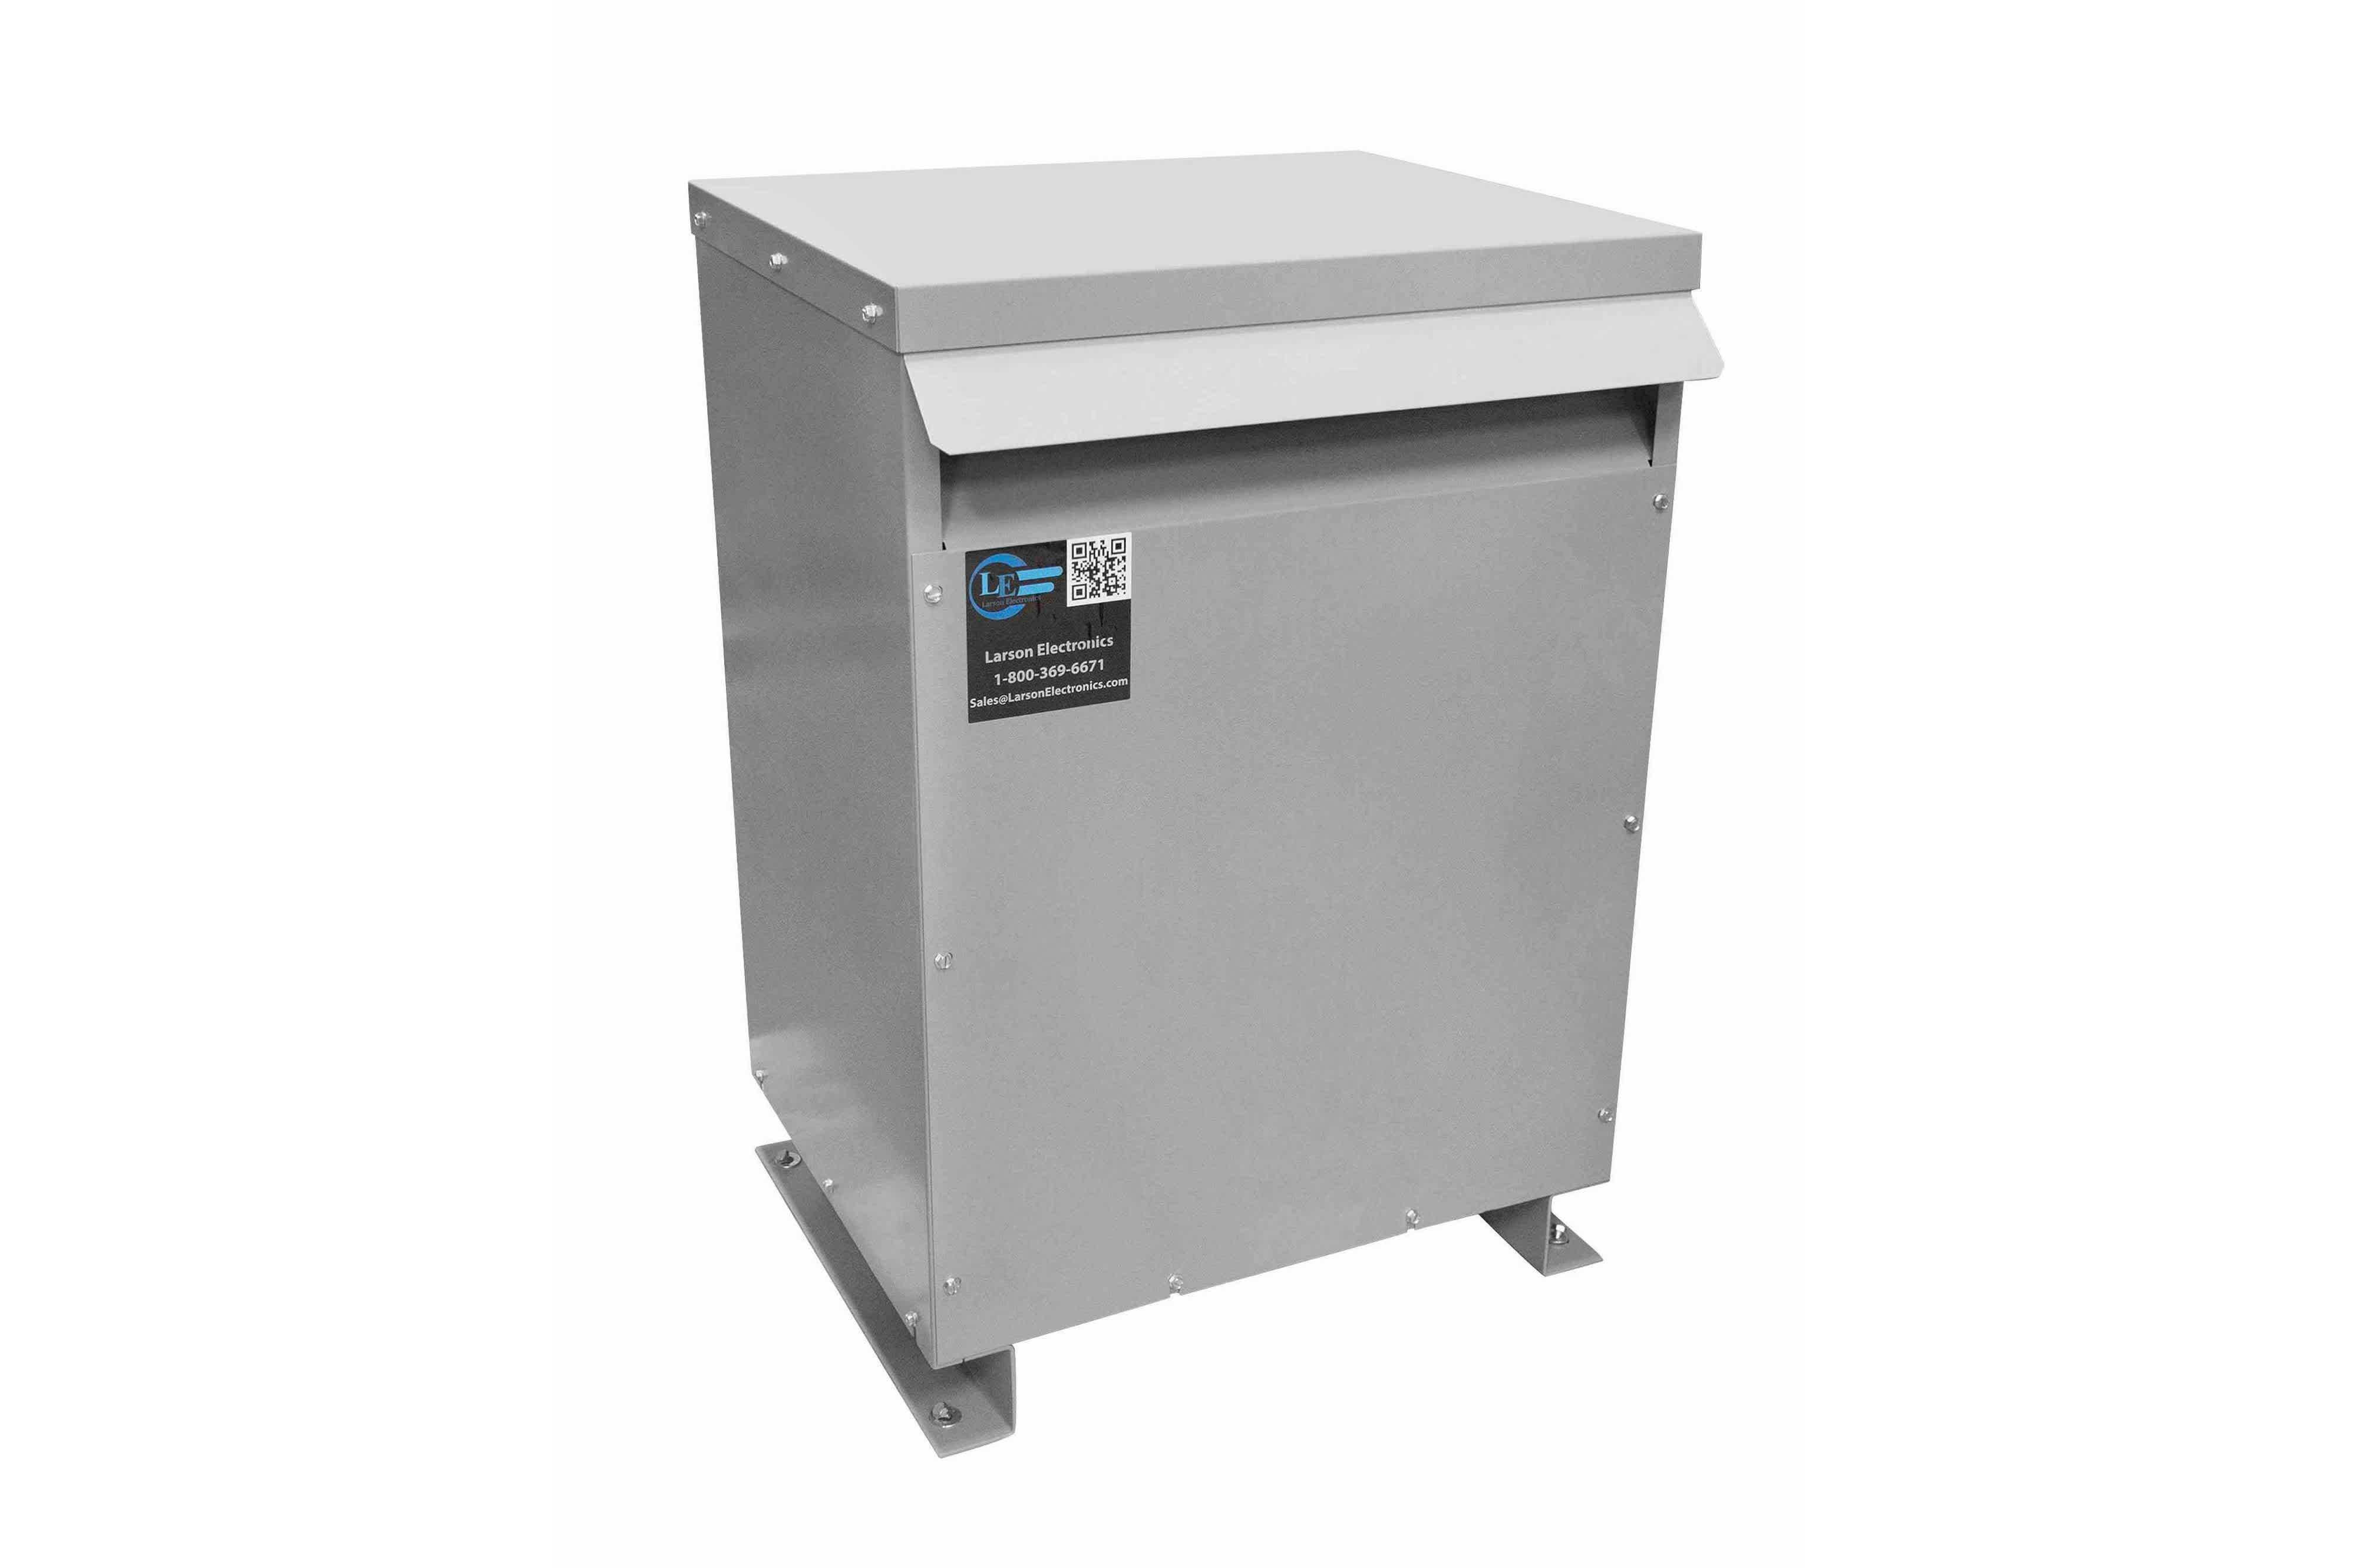 80 kVA 3PH Isolation Transformer, 220V Delta Primary, 208V Delta Secondary, N3R, Ventilated, 60 Hz